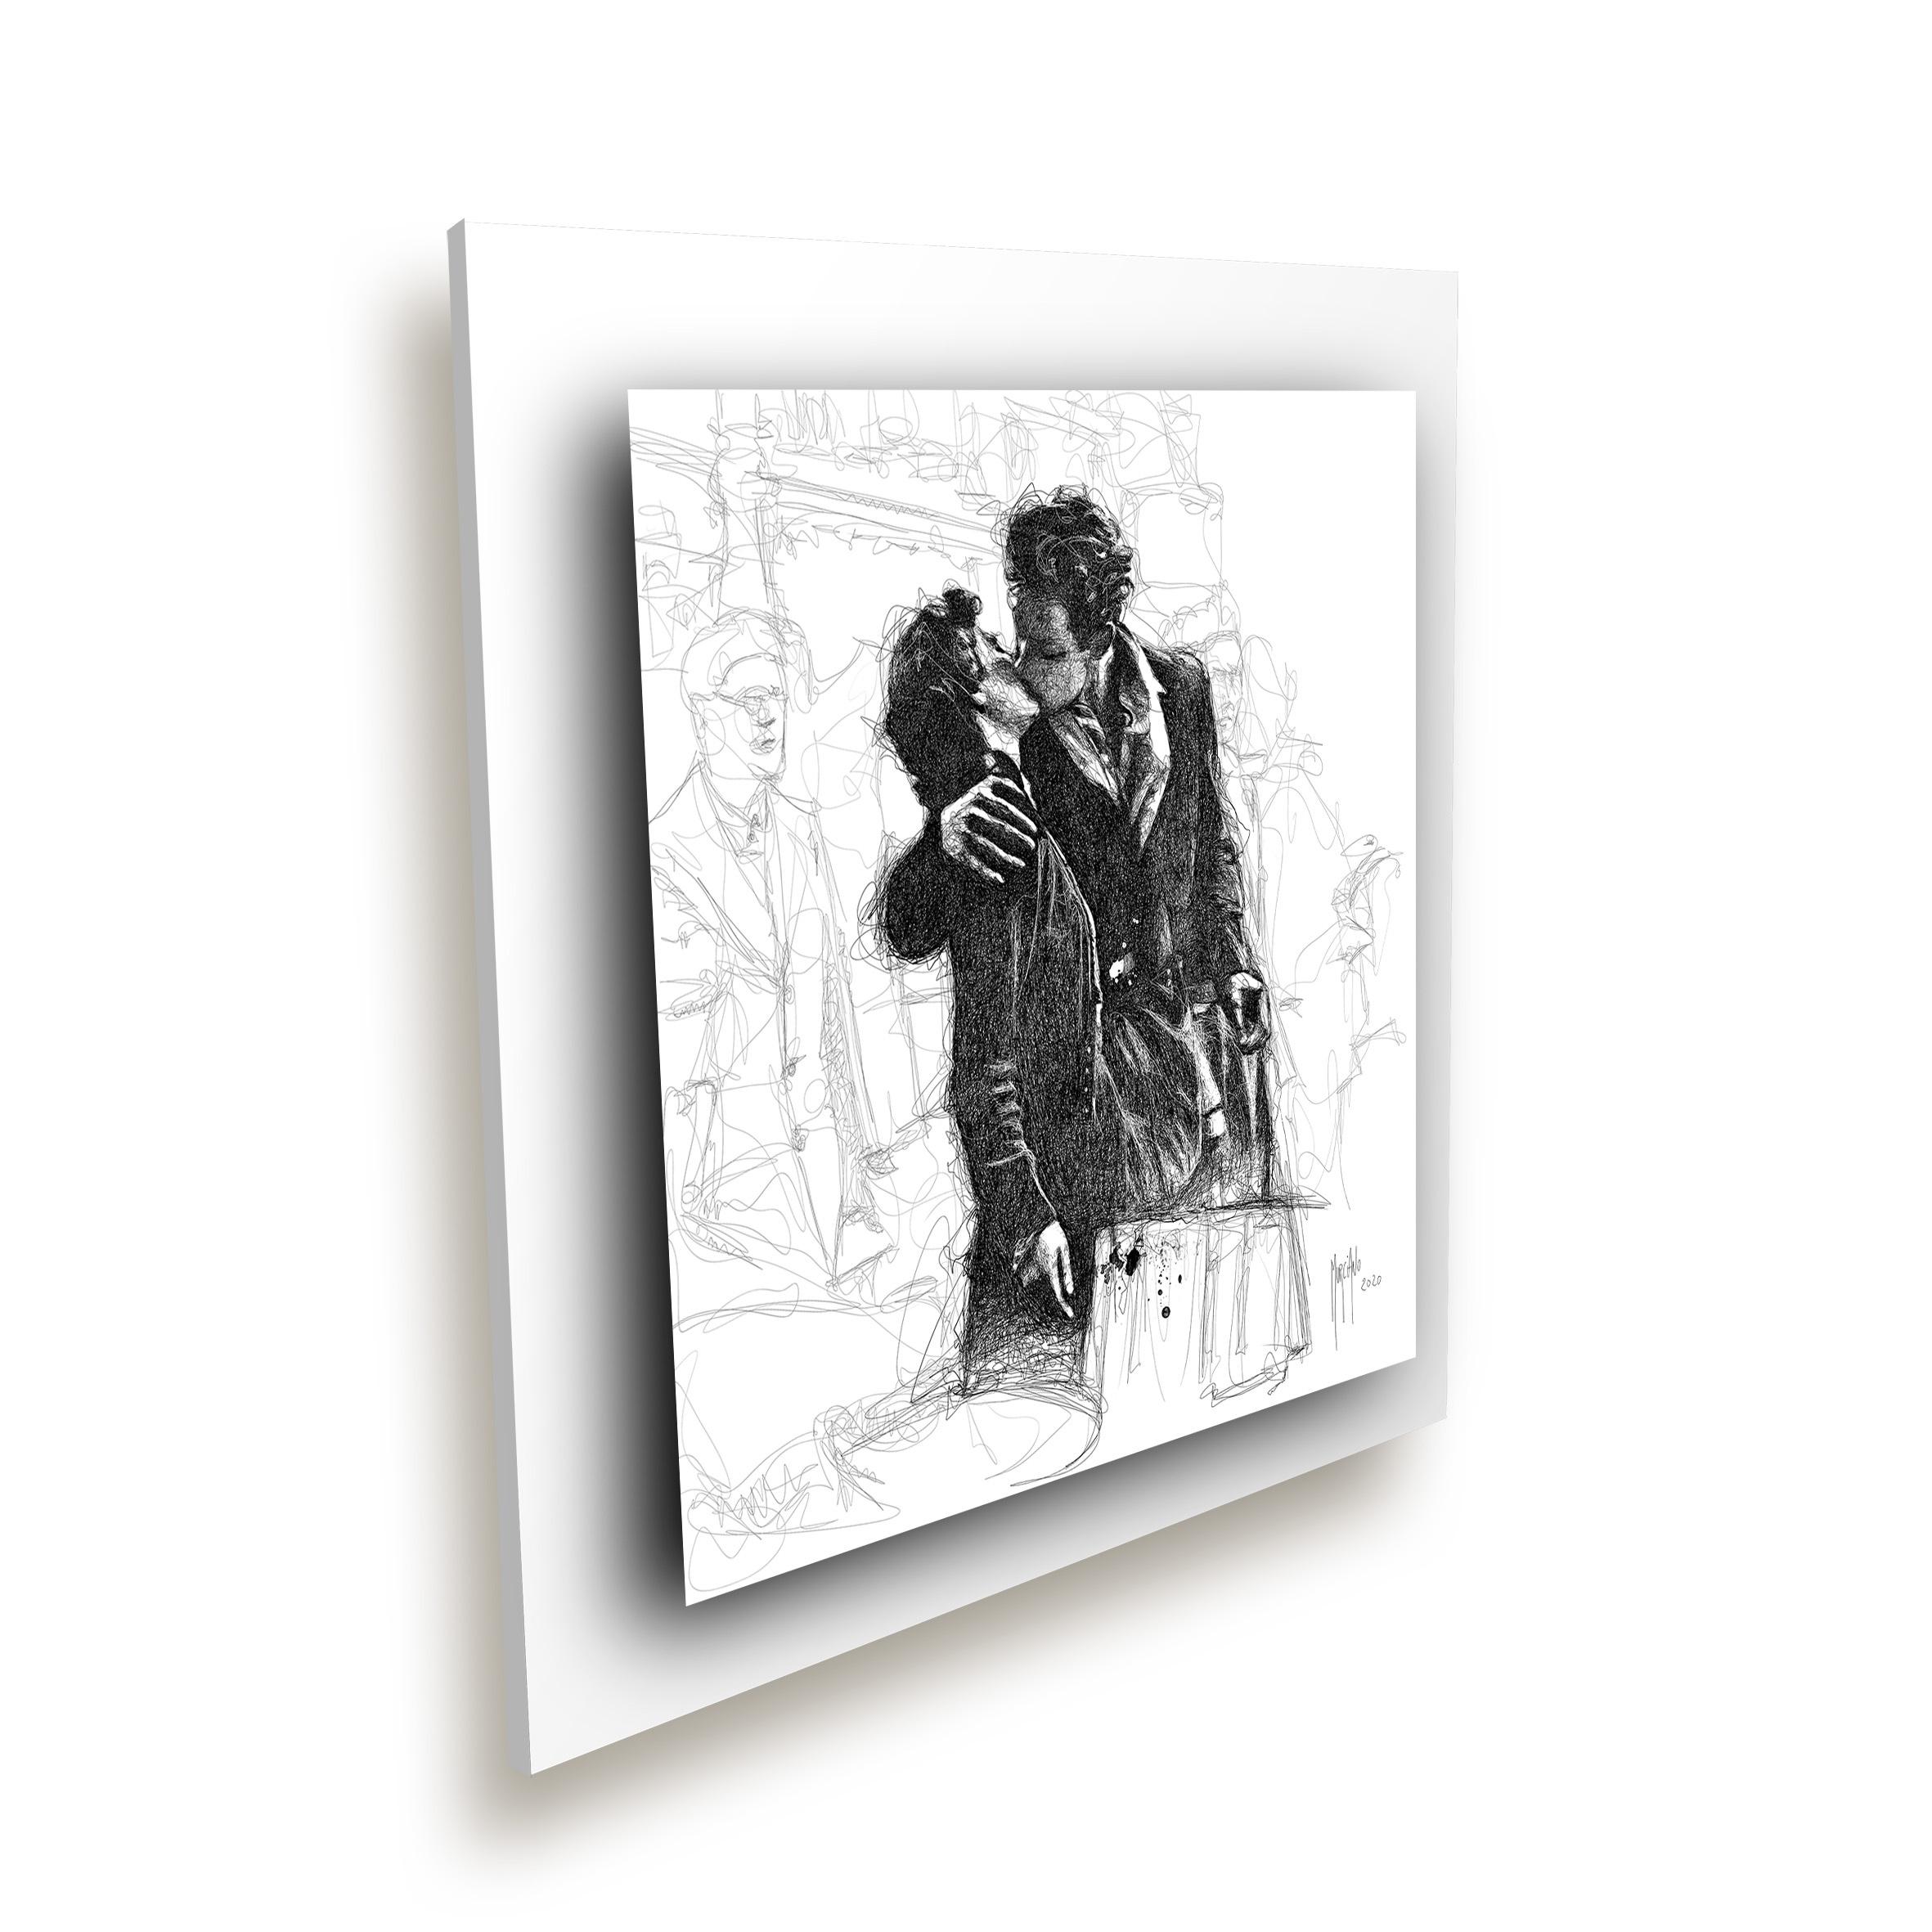 Le baiser de l'hôtel de ville blanc ice millenium - Oeuvre Patrice Murciano